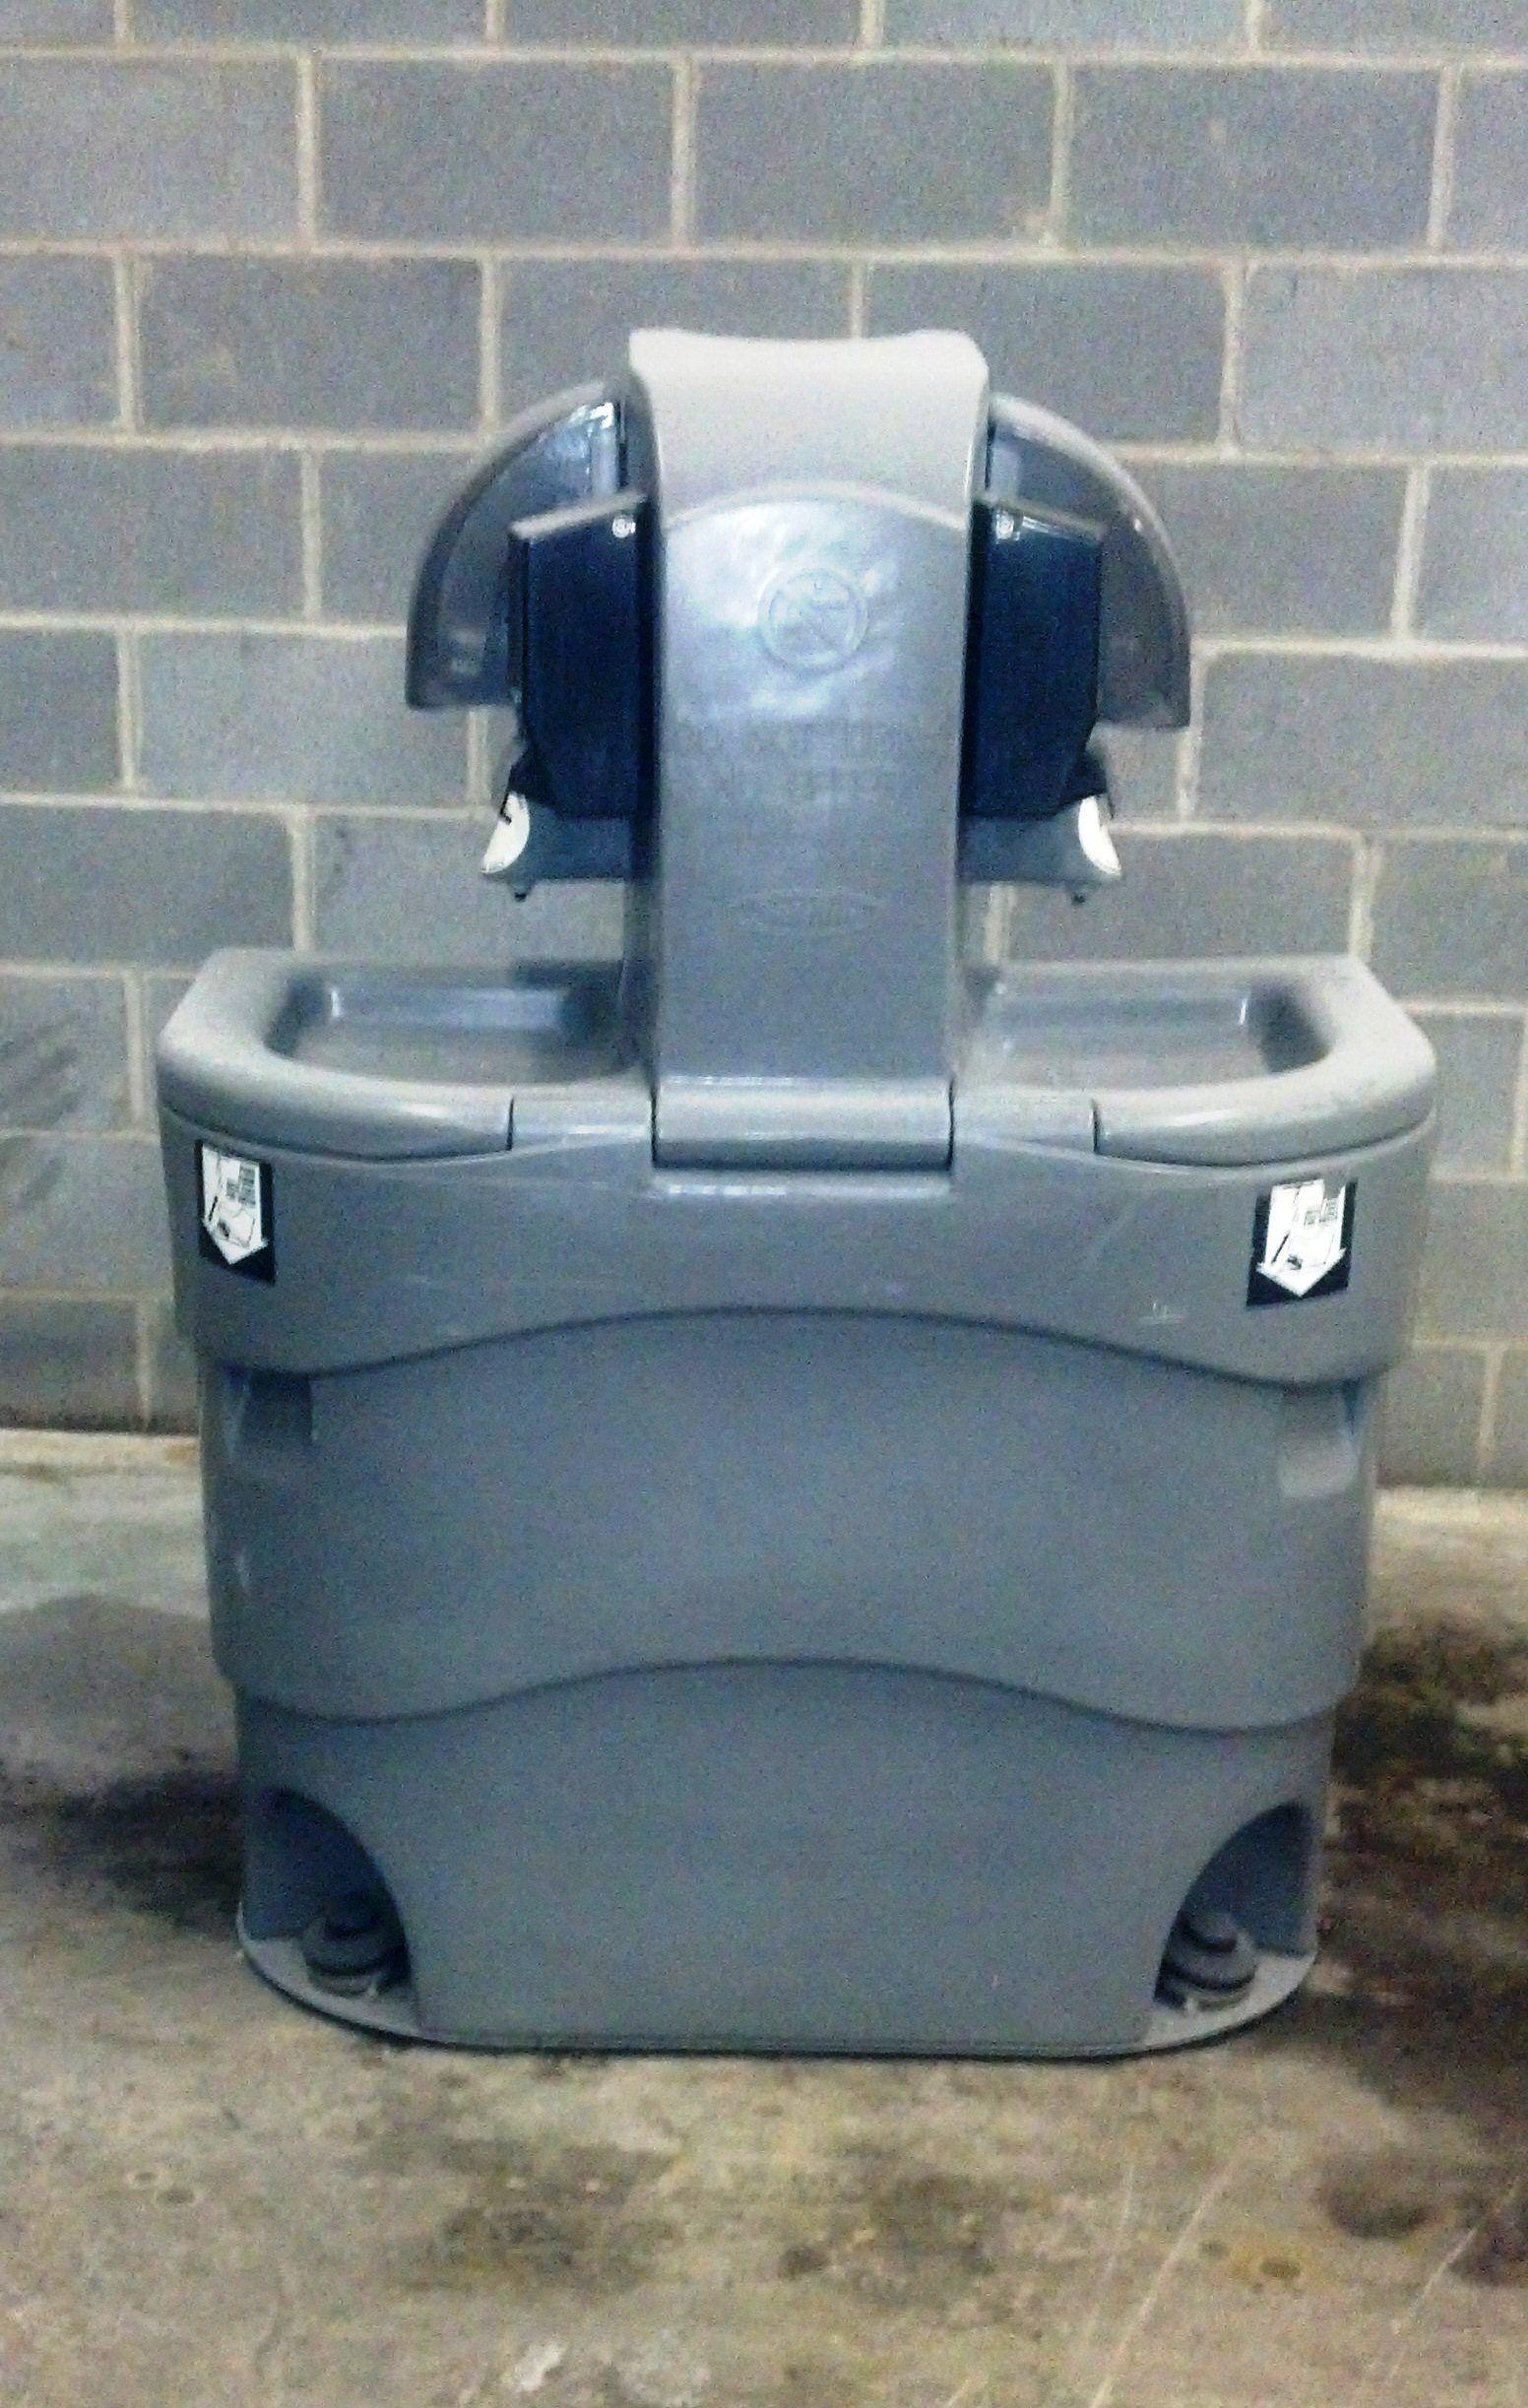 Double Basin Hand Wash Station Fantastic For Festivals